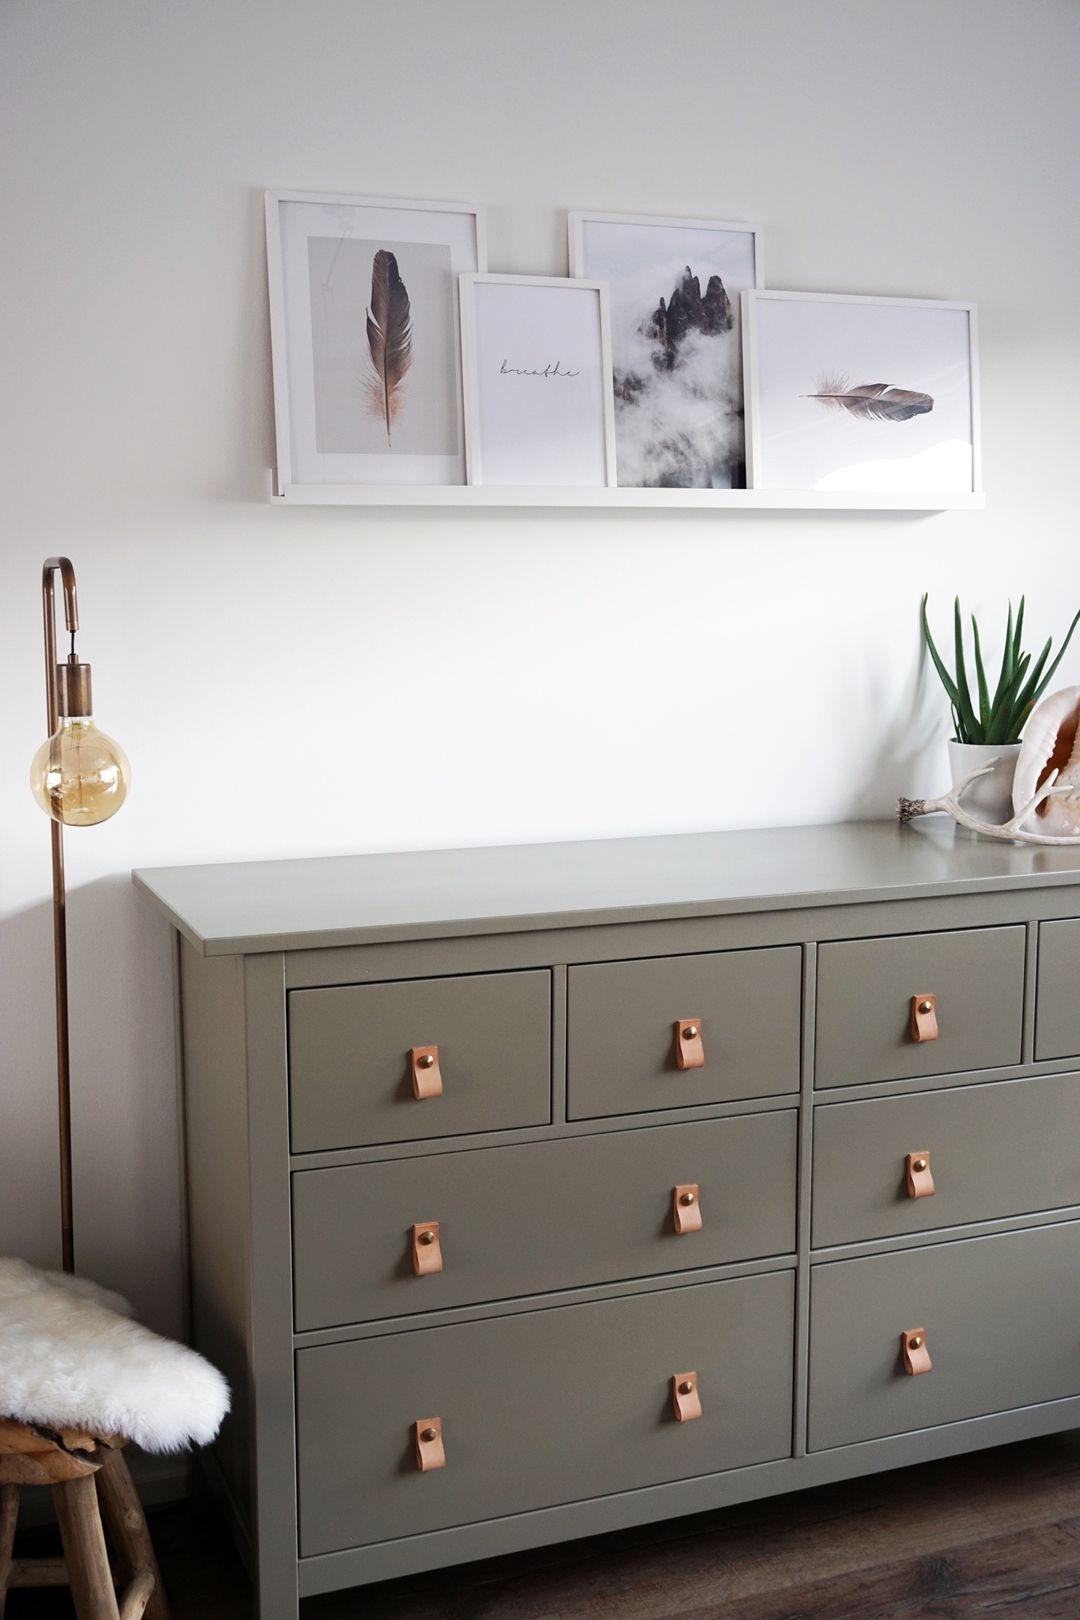 Ikea Hemnes Diy Interieur In 2019 Hemnes Babykamer Kast